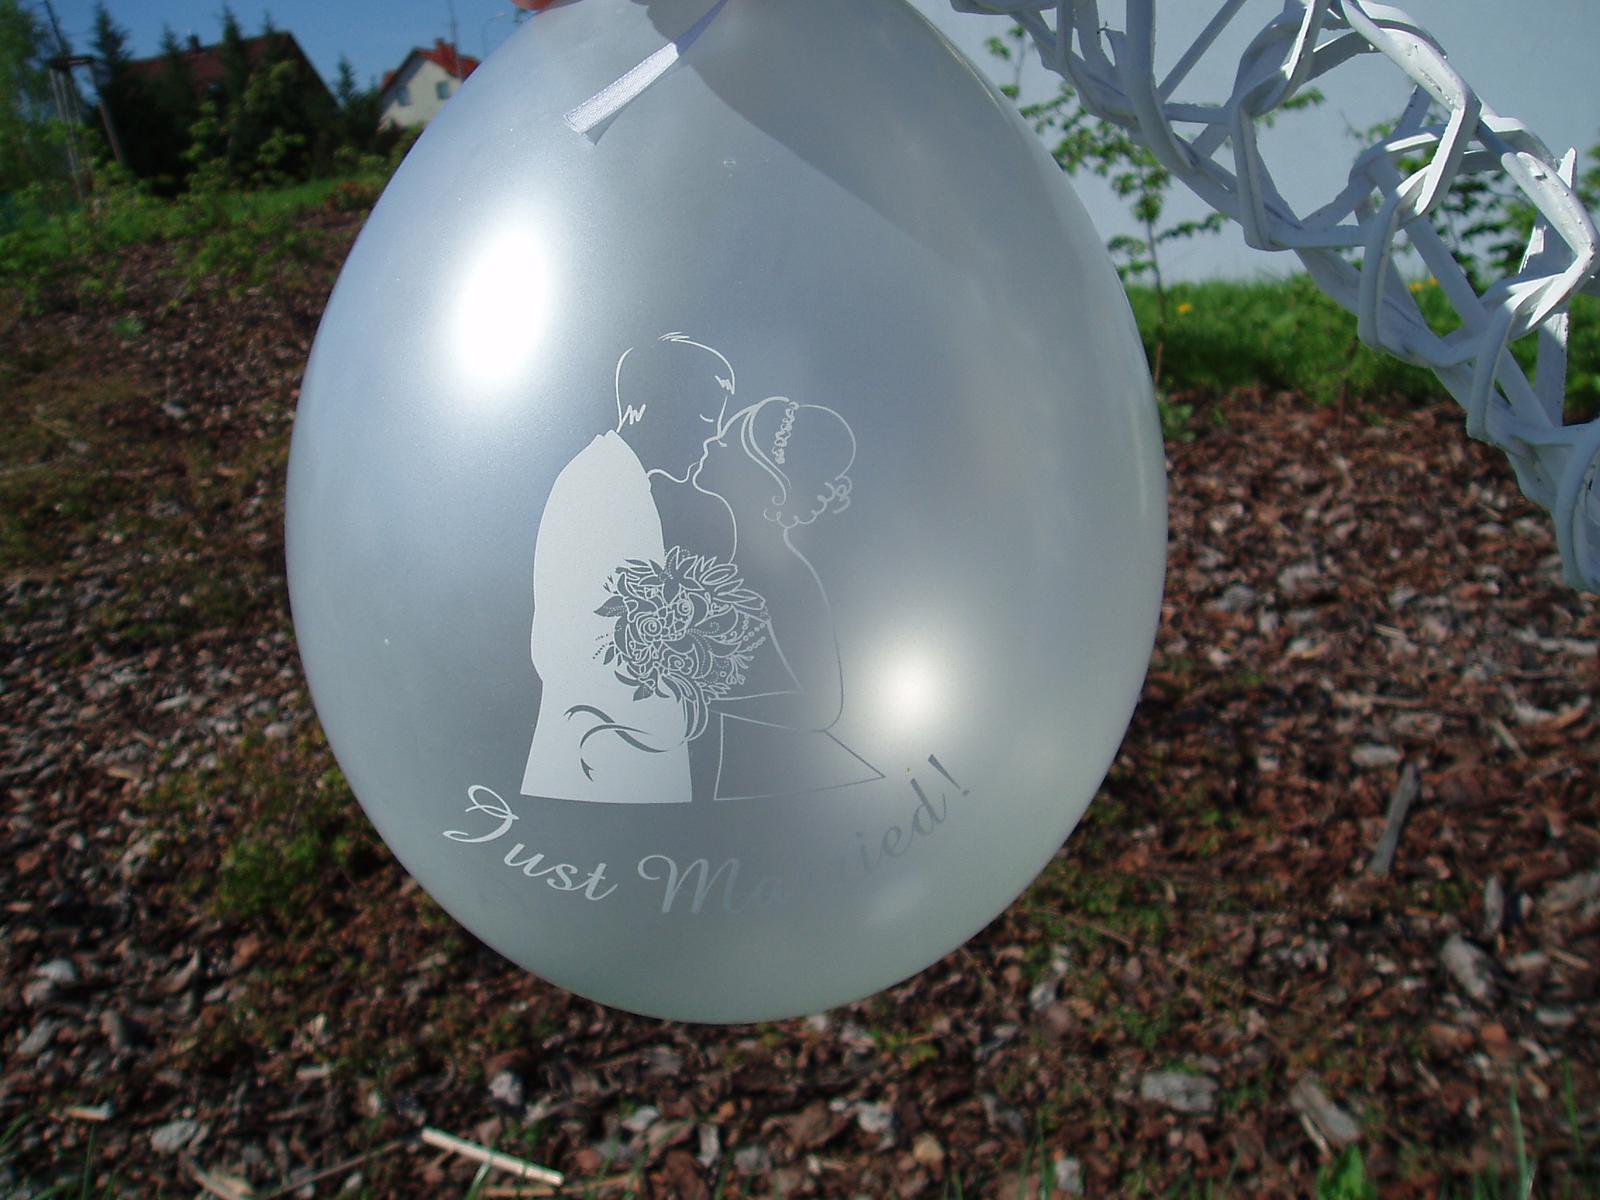 balónek - ženich a nevěsta - Obrázek č. 4